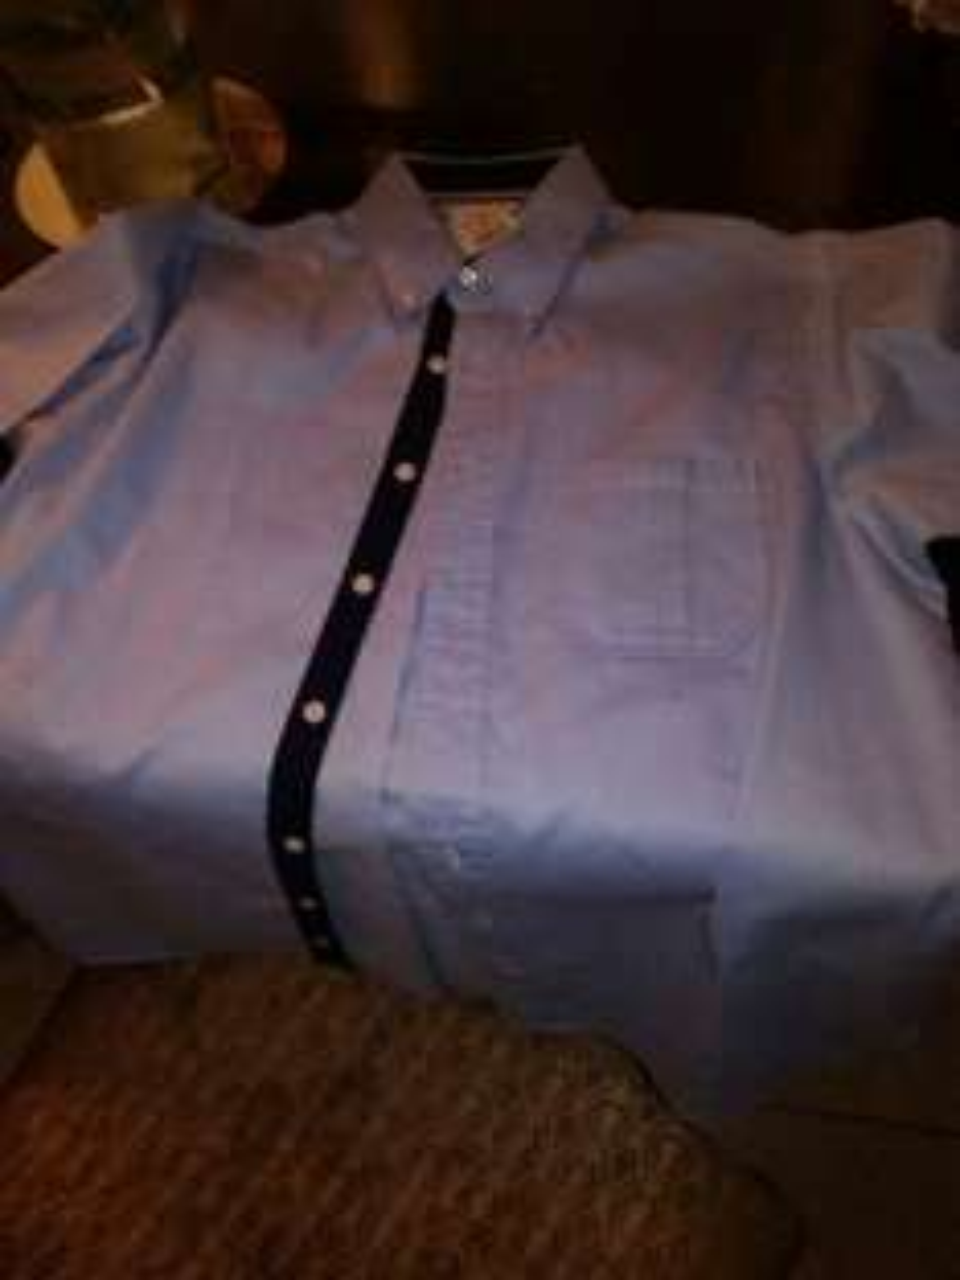 Walmart Galerias Saltillo: Camisa de vestir manga corta Marca COSMO&CO a $20.01